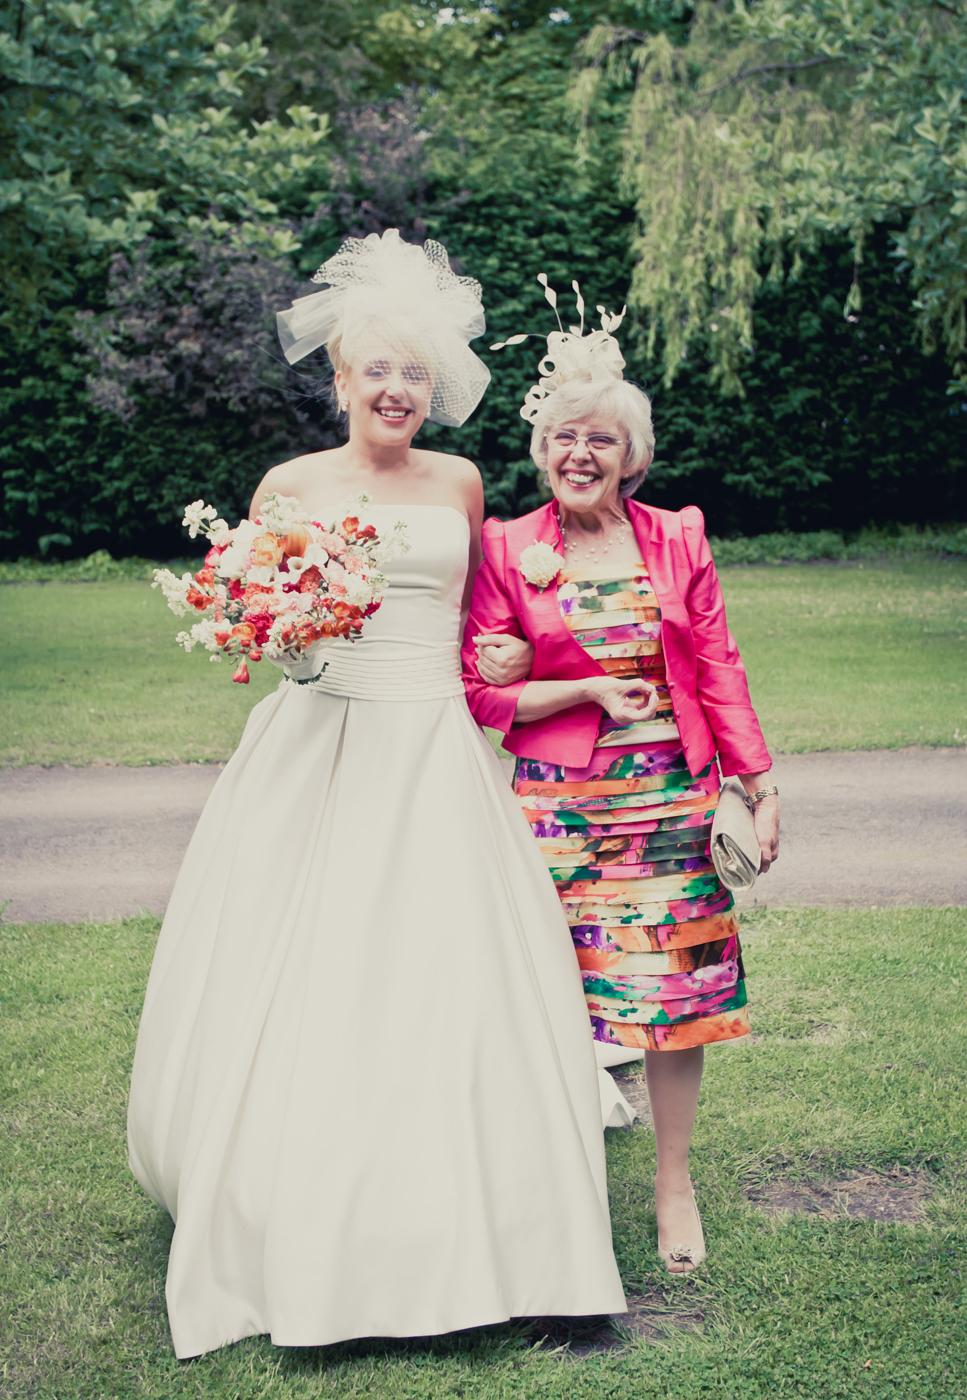 084 Keedy and Carl at The Secret Garden in Retford  - Wedding Photography by Mark Pugh www.markpugh.com_.jpg